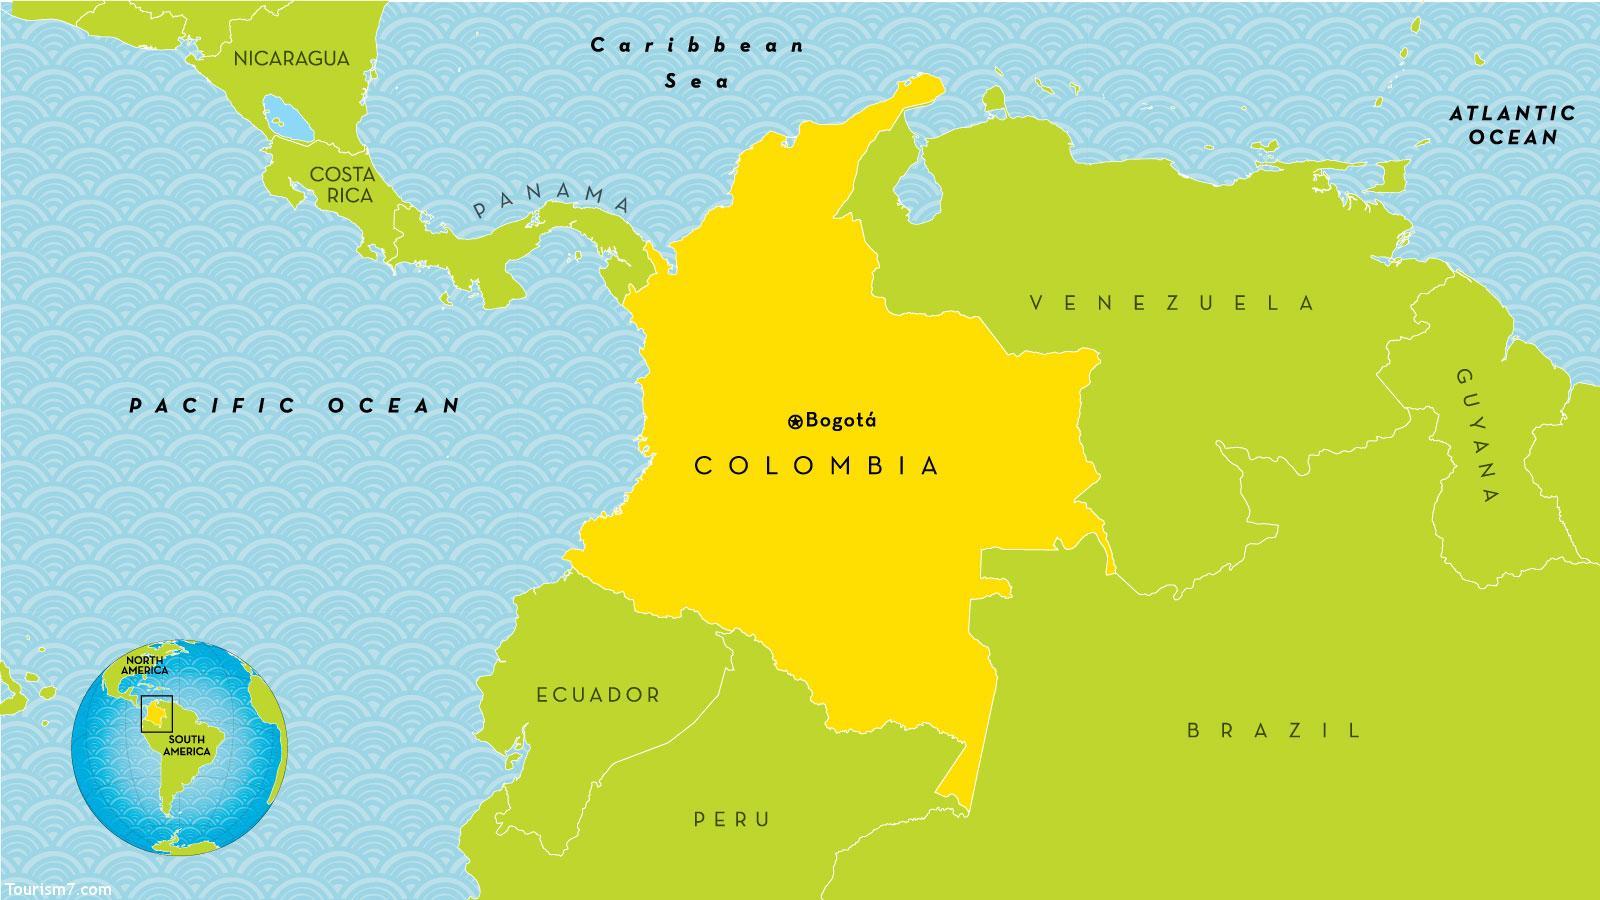 کاهش تولید طلا، نیکل و زغال سنگ کلمبیا در سه ماهه دوم سال 2019